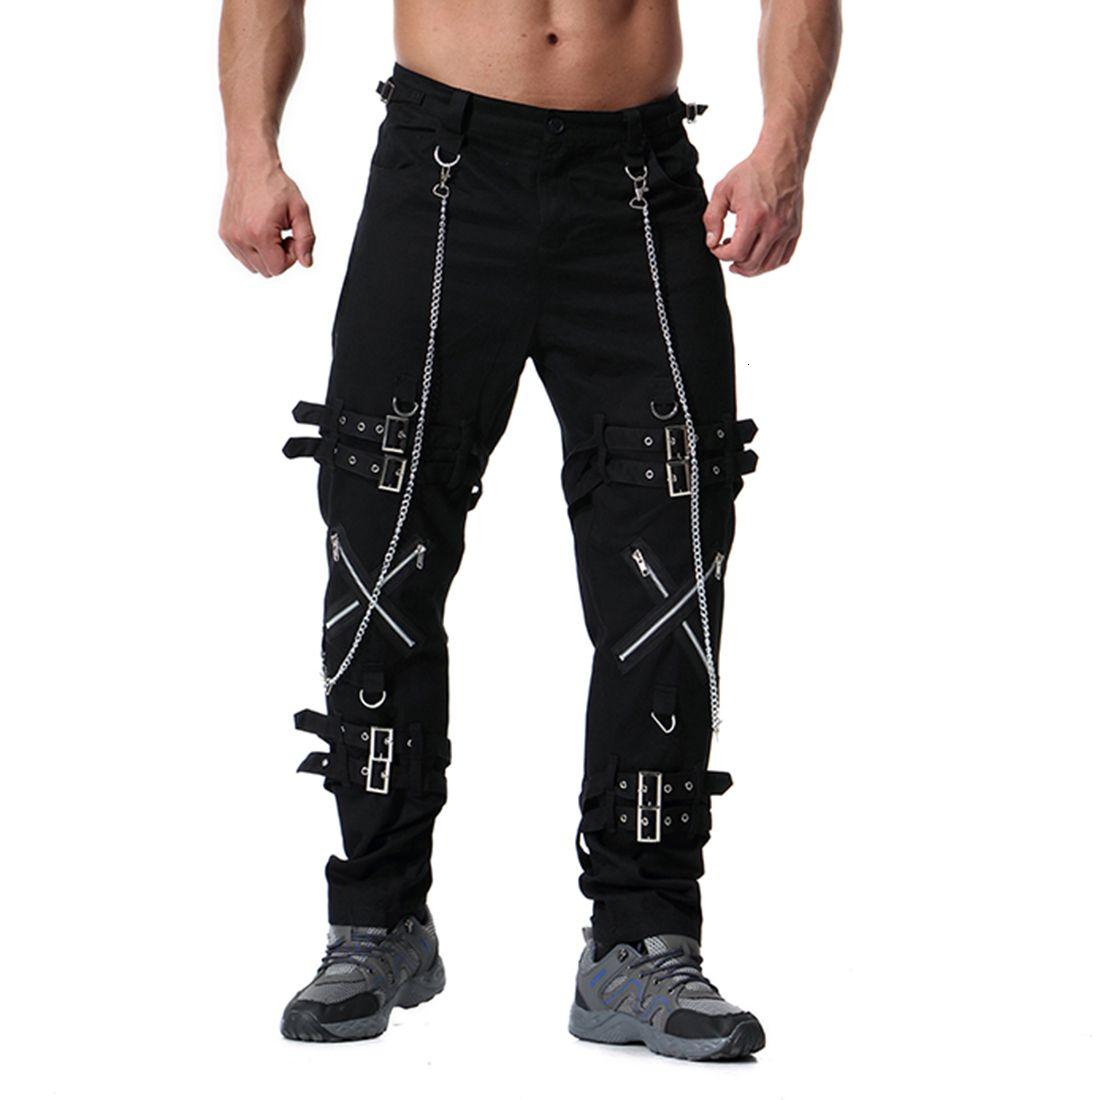 New Muti Zippers Uomo Cargo BAGGY Casual fitness uomo pantaloni pantaloni pantaloni 2021 Summer Streetwear Mens Joggers Pantaloni B8XM IUCB